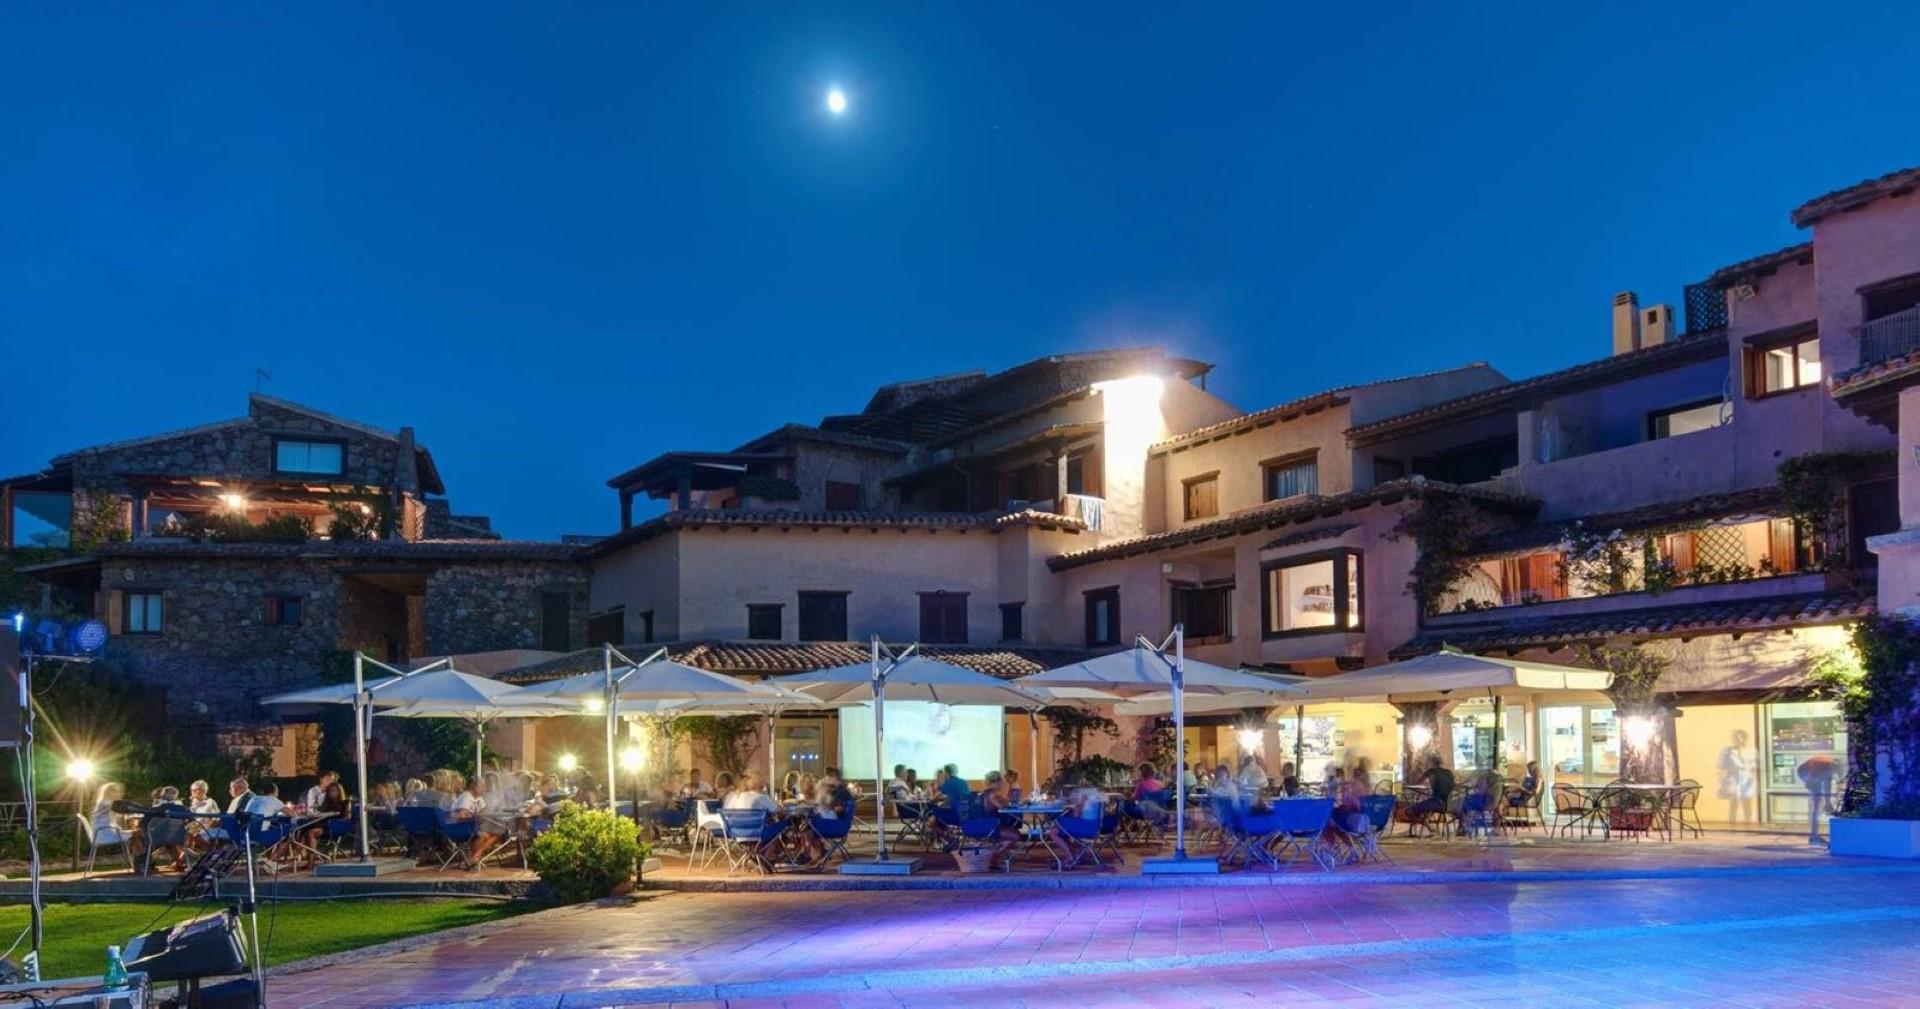 Villa Royale - Capo Coda Cavallo (noordoosten) 40